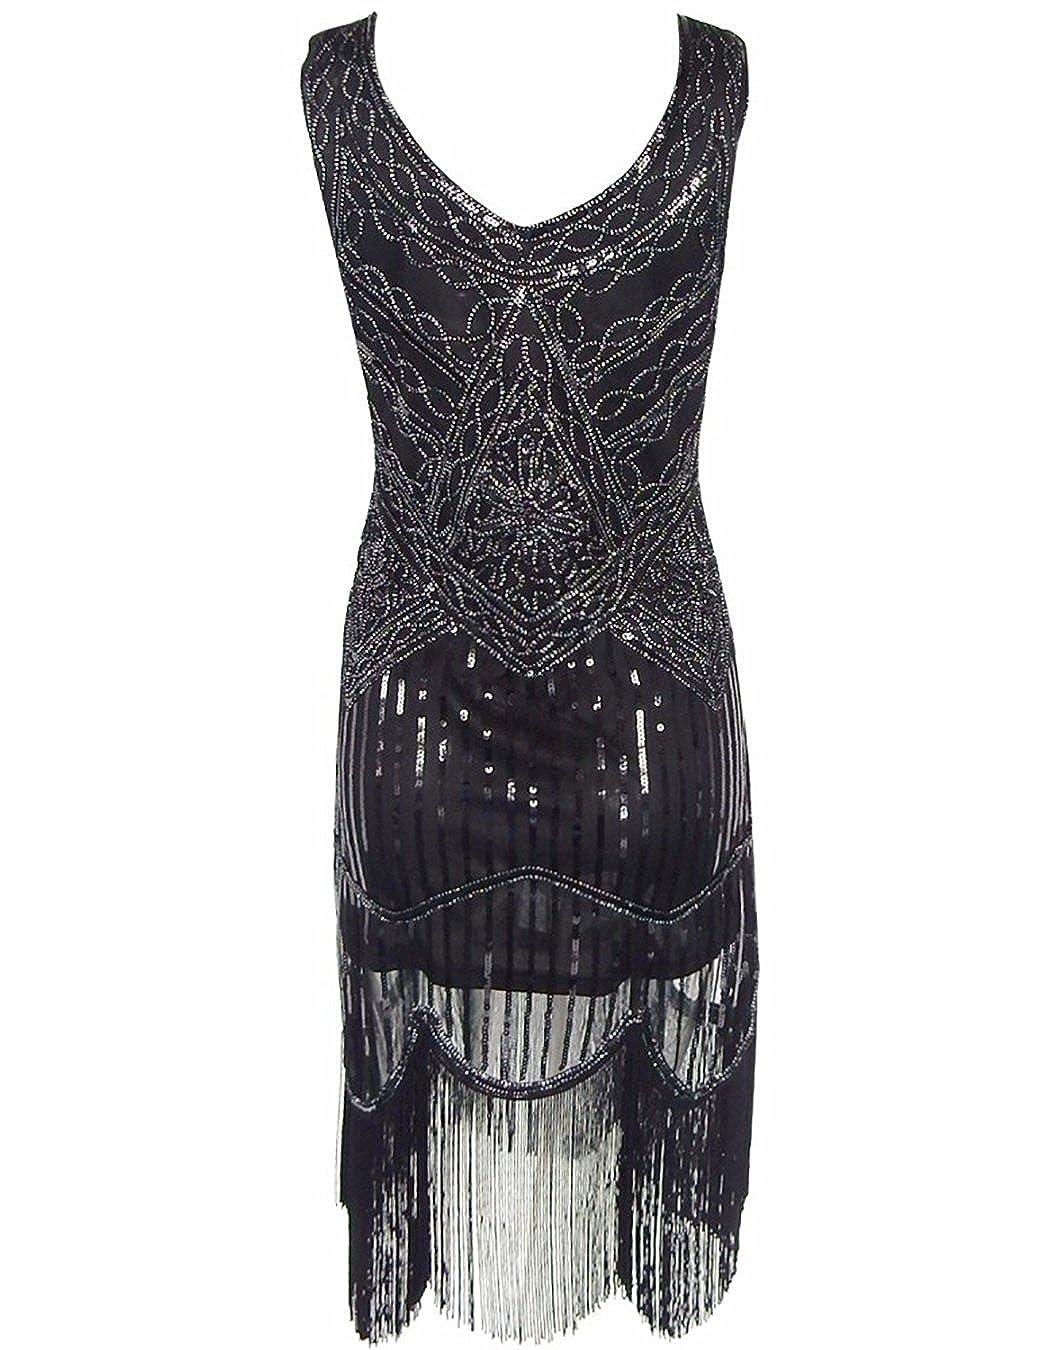 OOFIT Damen Partykleid V-Ausschnitt 20s Gatsby Downton Wulstige ...